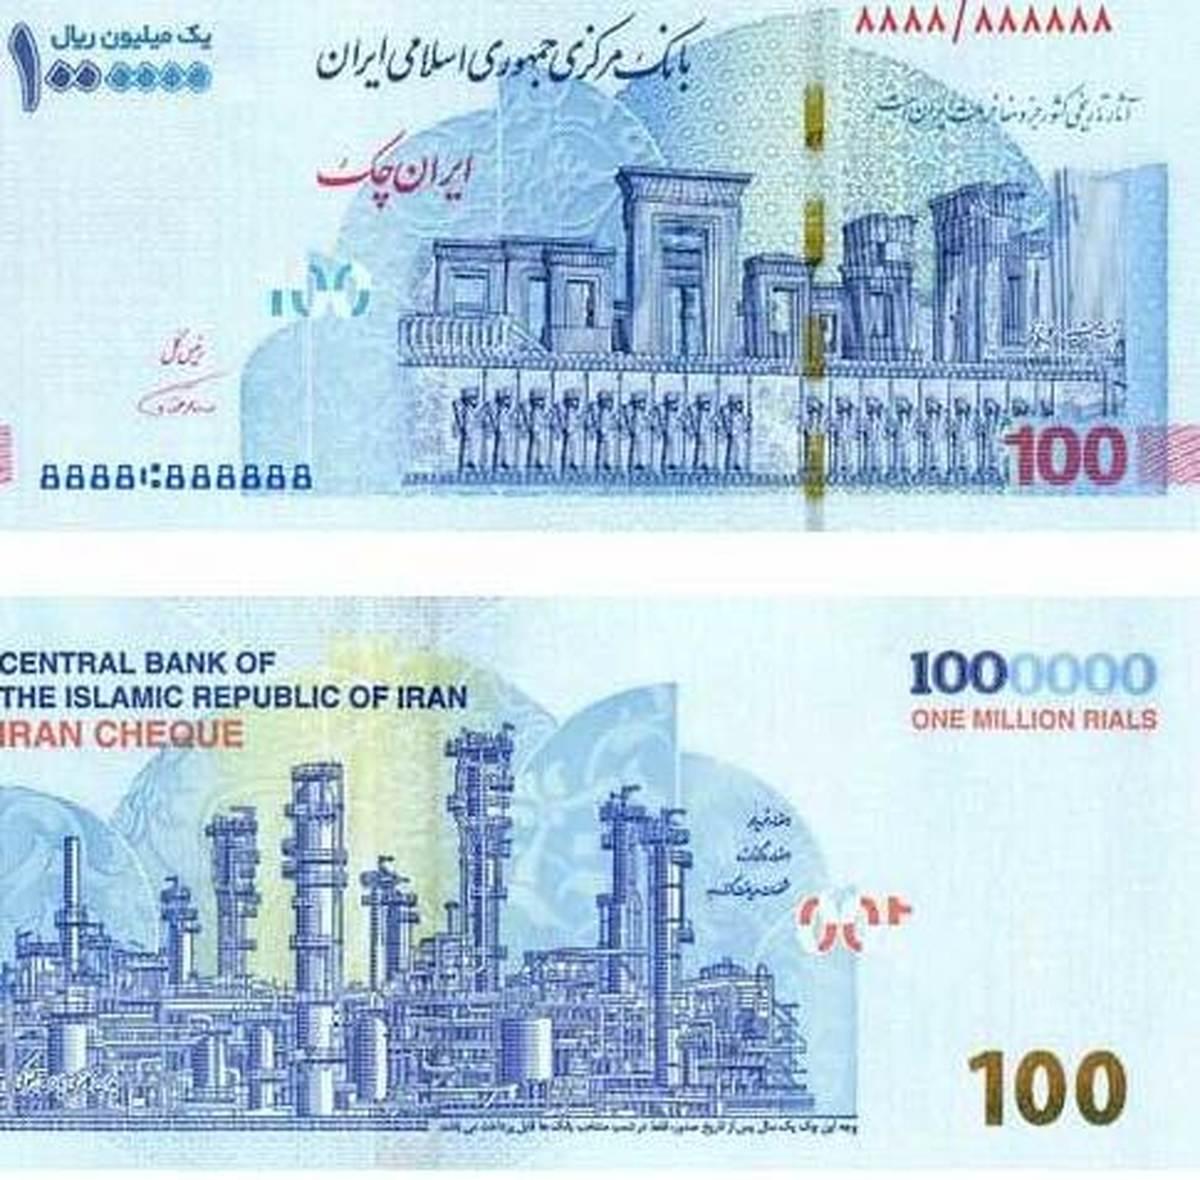 جزییات ایران چک ۱۰۰ هزار تومانی+ عکس